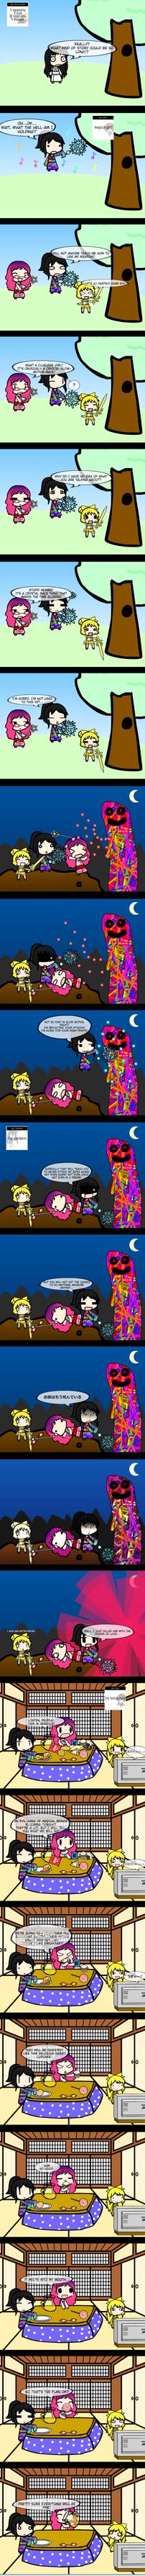 My Anime Story Meme - 1 by YureiMari